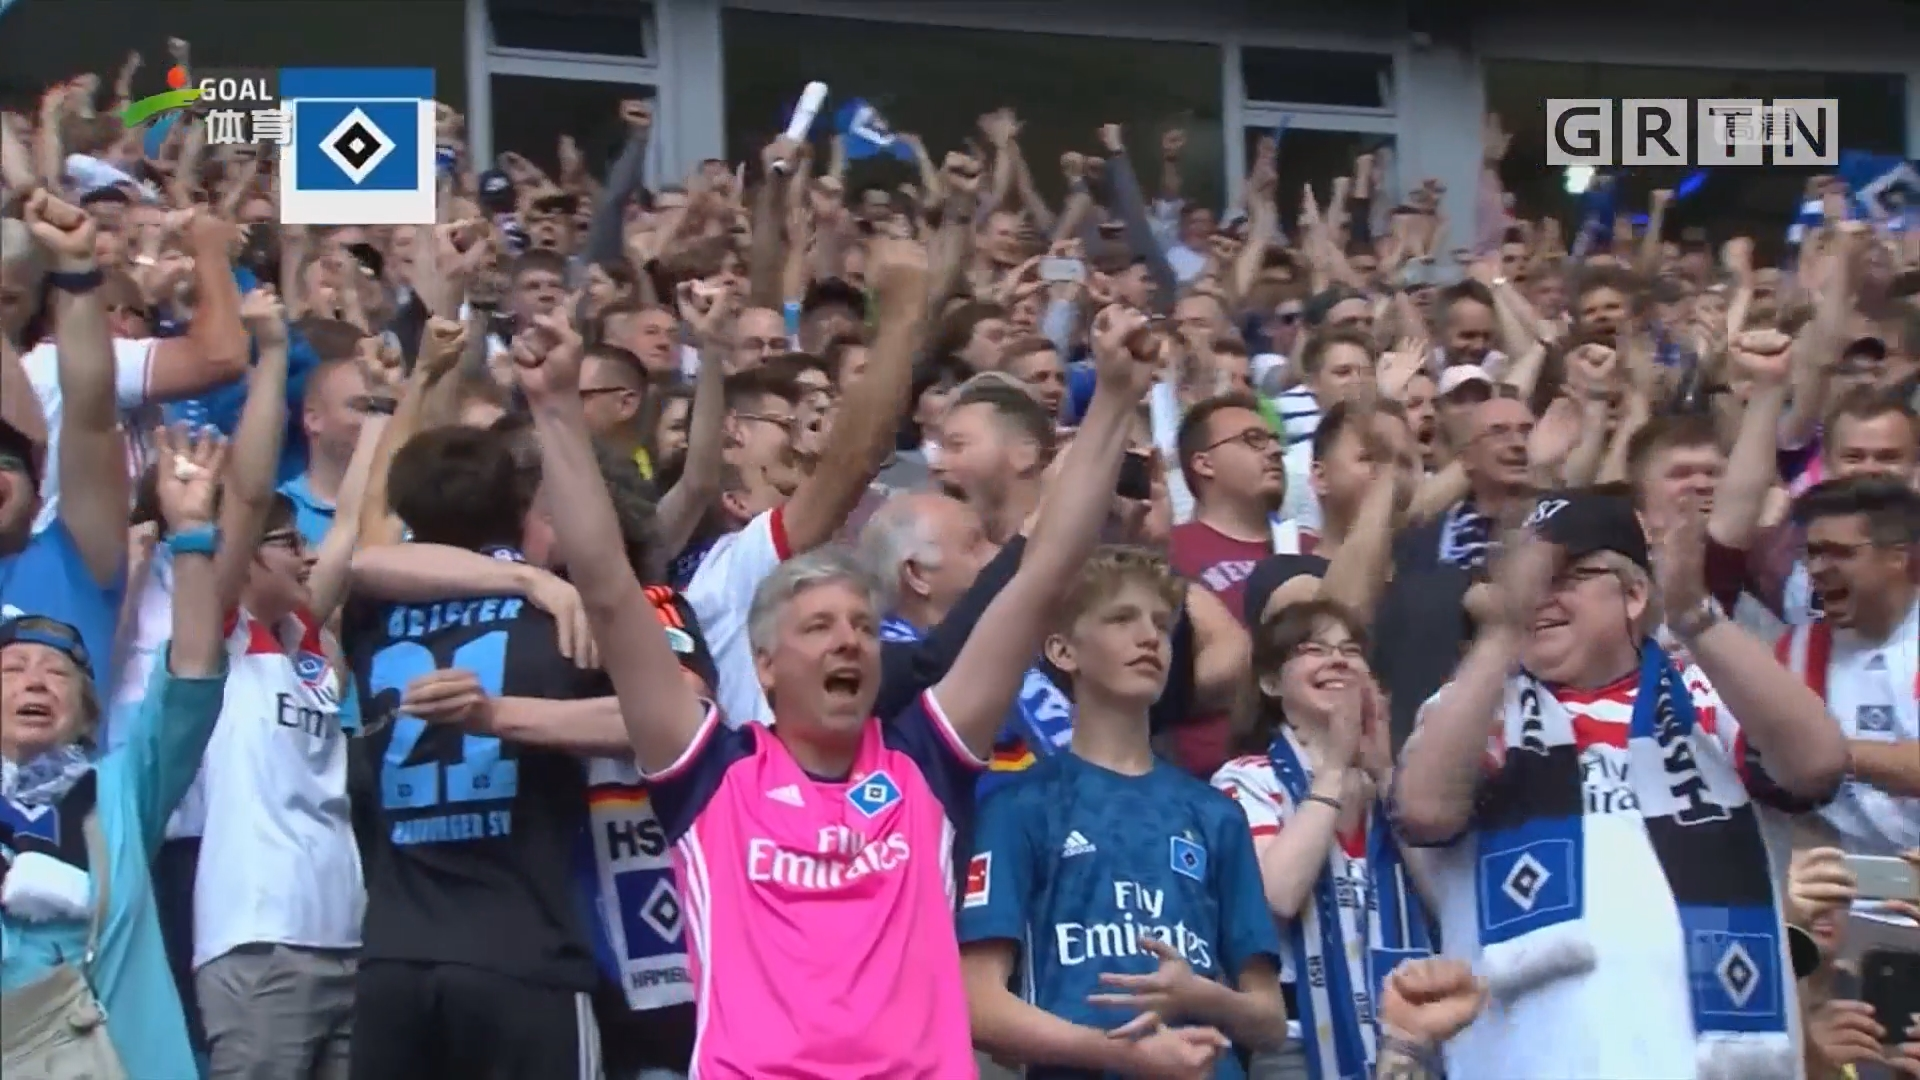 德甲大结局 拜仁夺冠 汉堡降级